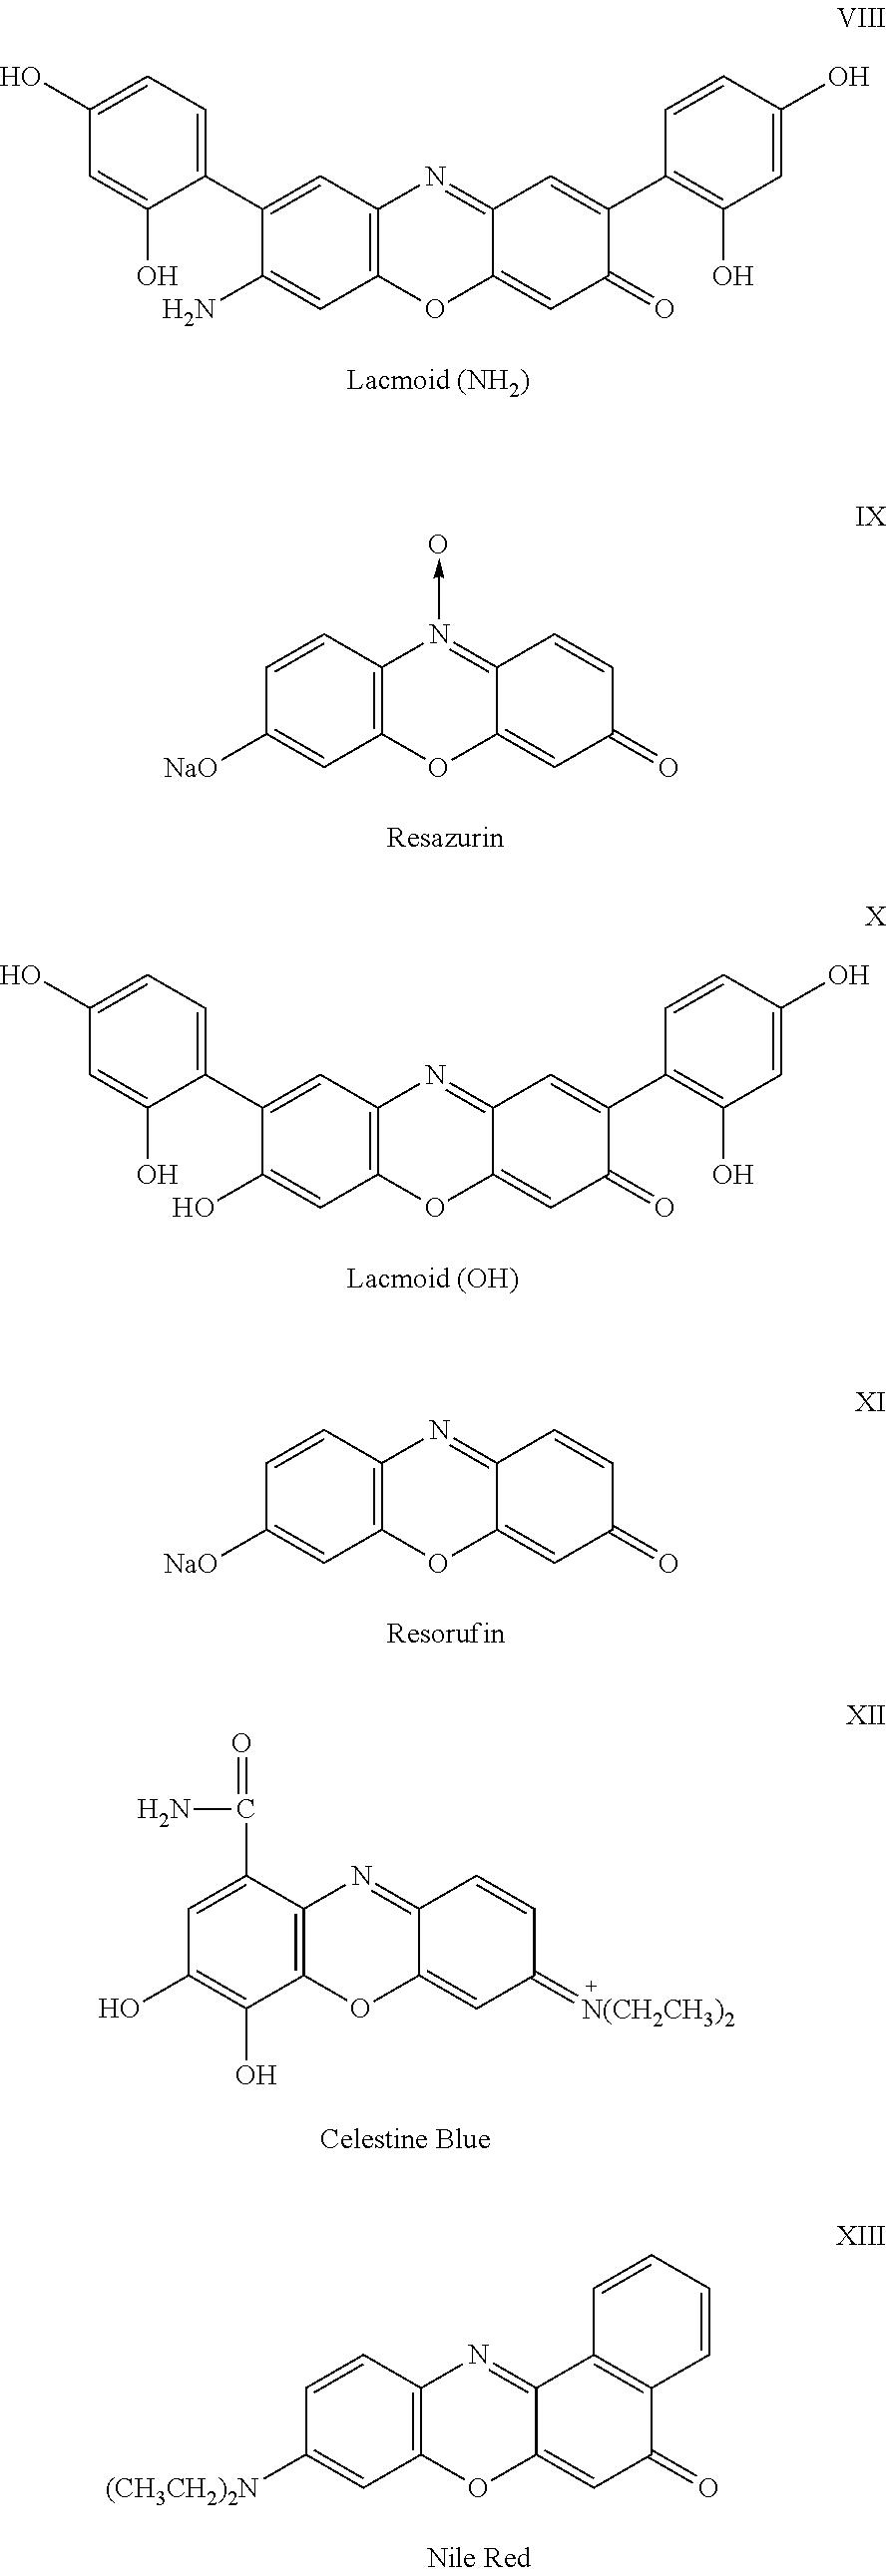 Figure US20110045172A1-20110224-C00019